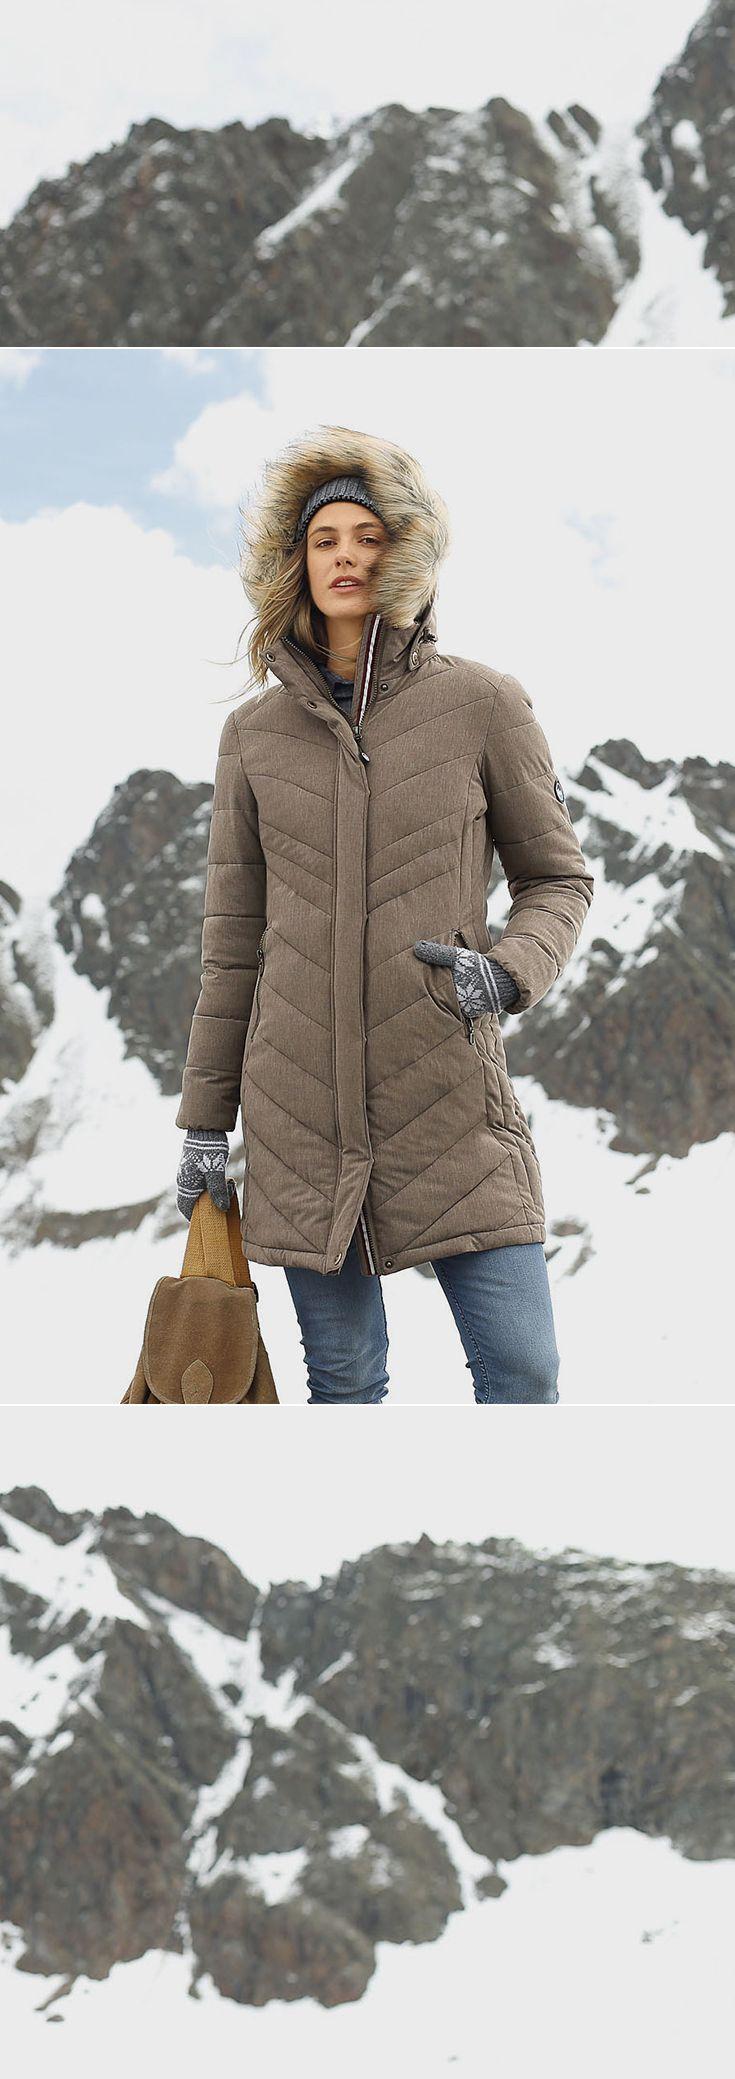 Ob sportlicher Spaziergang oder eine Wandertour durch die Berge: Mit der Steppjacke von Polarino sicherst du dir einen coolen Style, eine perfekte Wärmeisolation und einen angenehmen Tragekomfort – selbst bei dem schlechtesten Wetter.